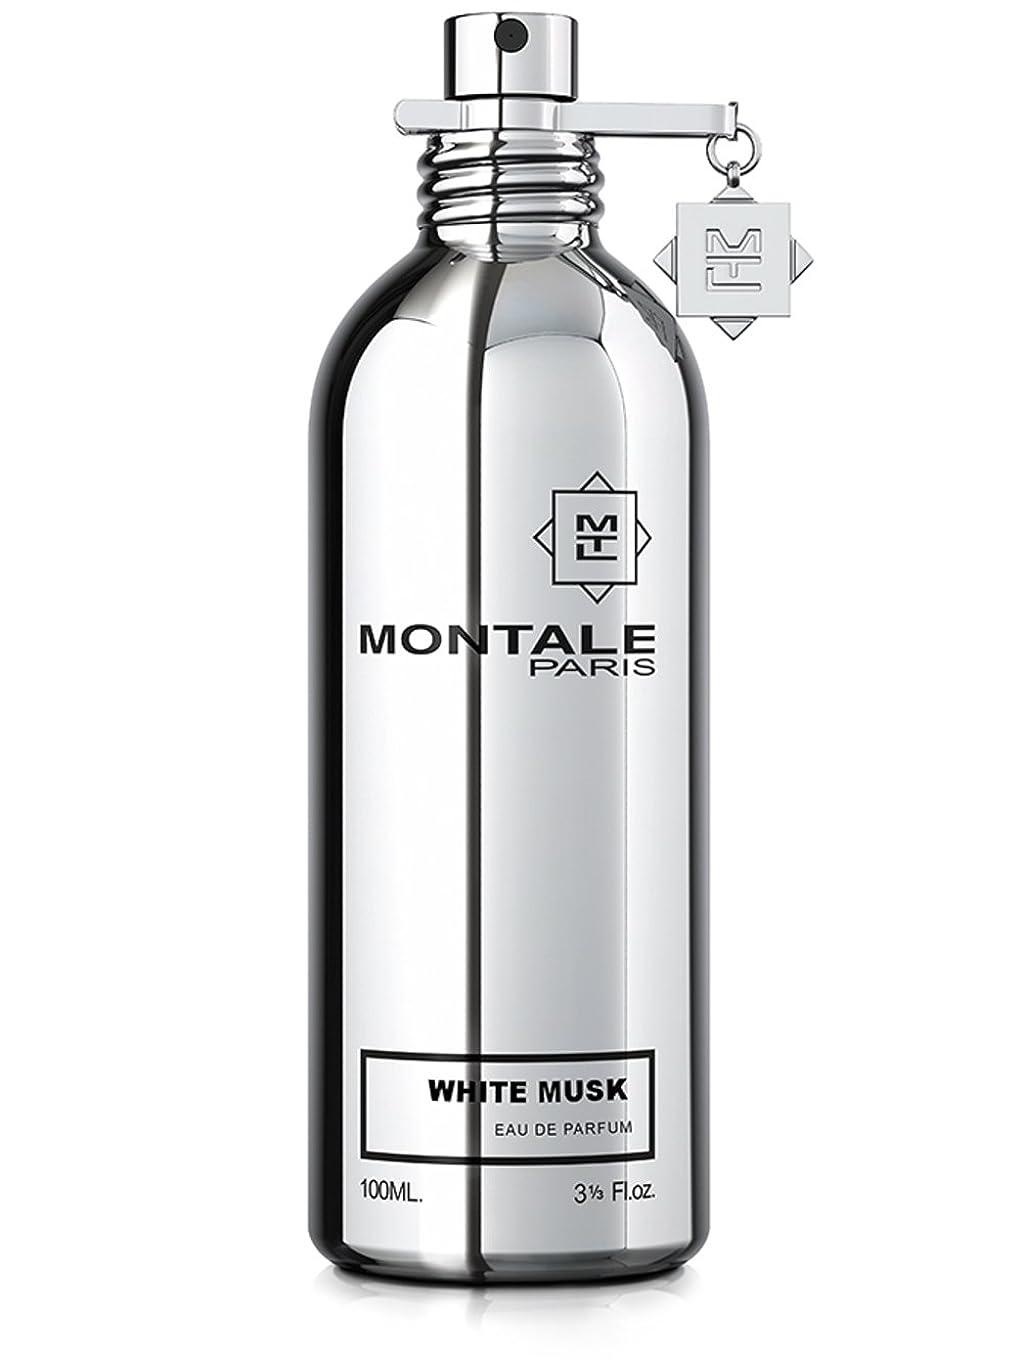 ピカソインカ帝国船尾モンタル ホワイト ムスク オードパルファン 100ml(Montale White Musk EDP 100ml)[海外直送品] [並行輸入品]